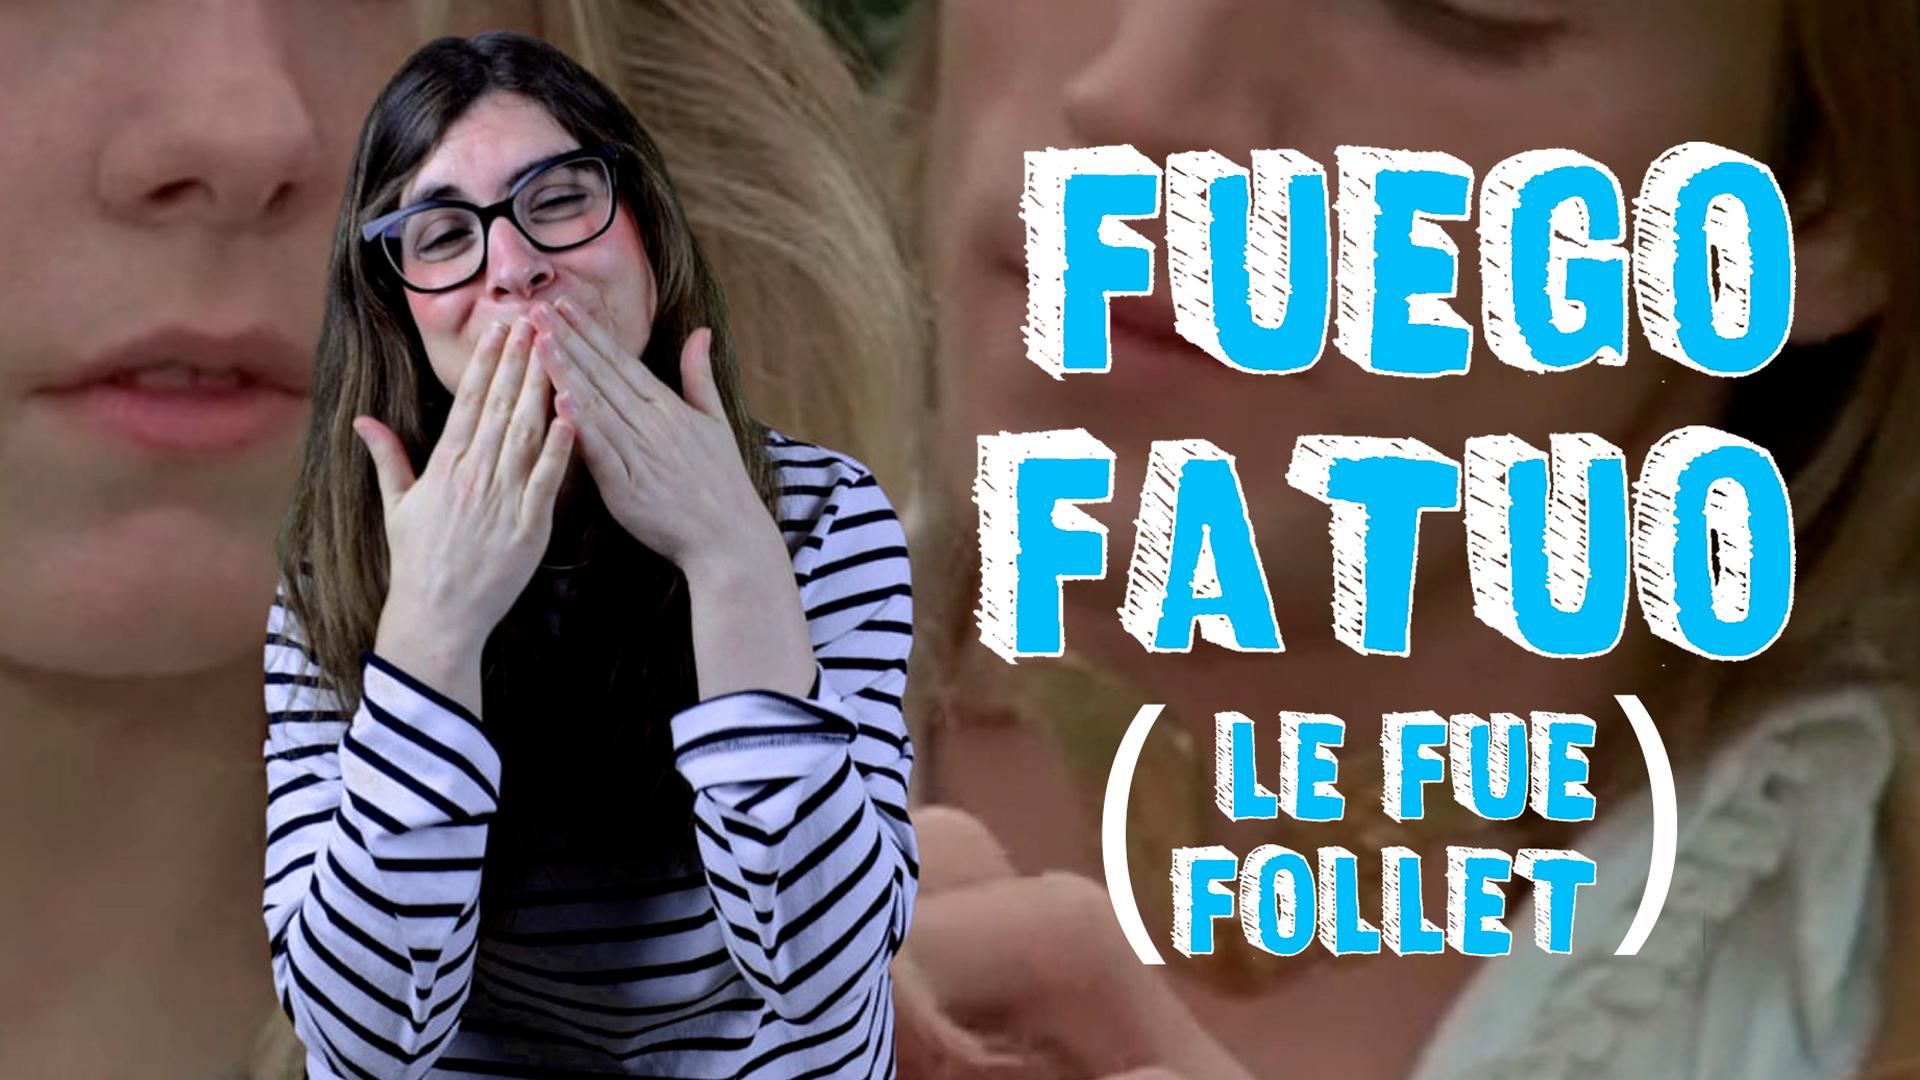 Temporada 1  El fuego fatuo (Le fue follet)